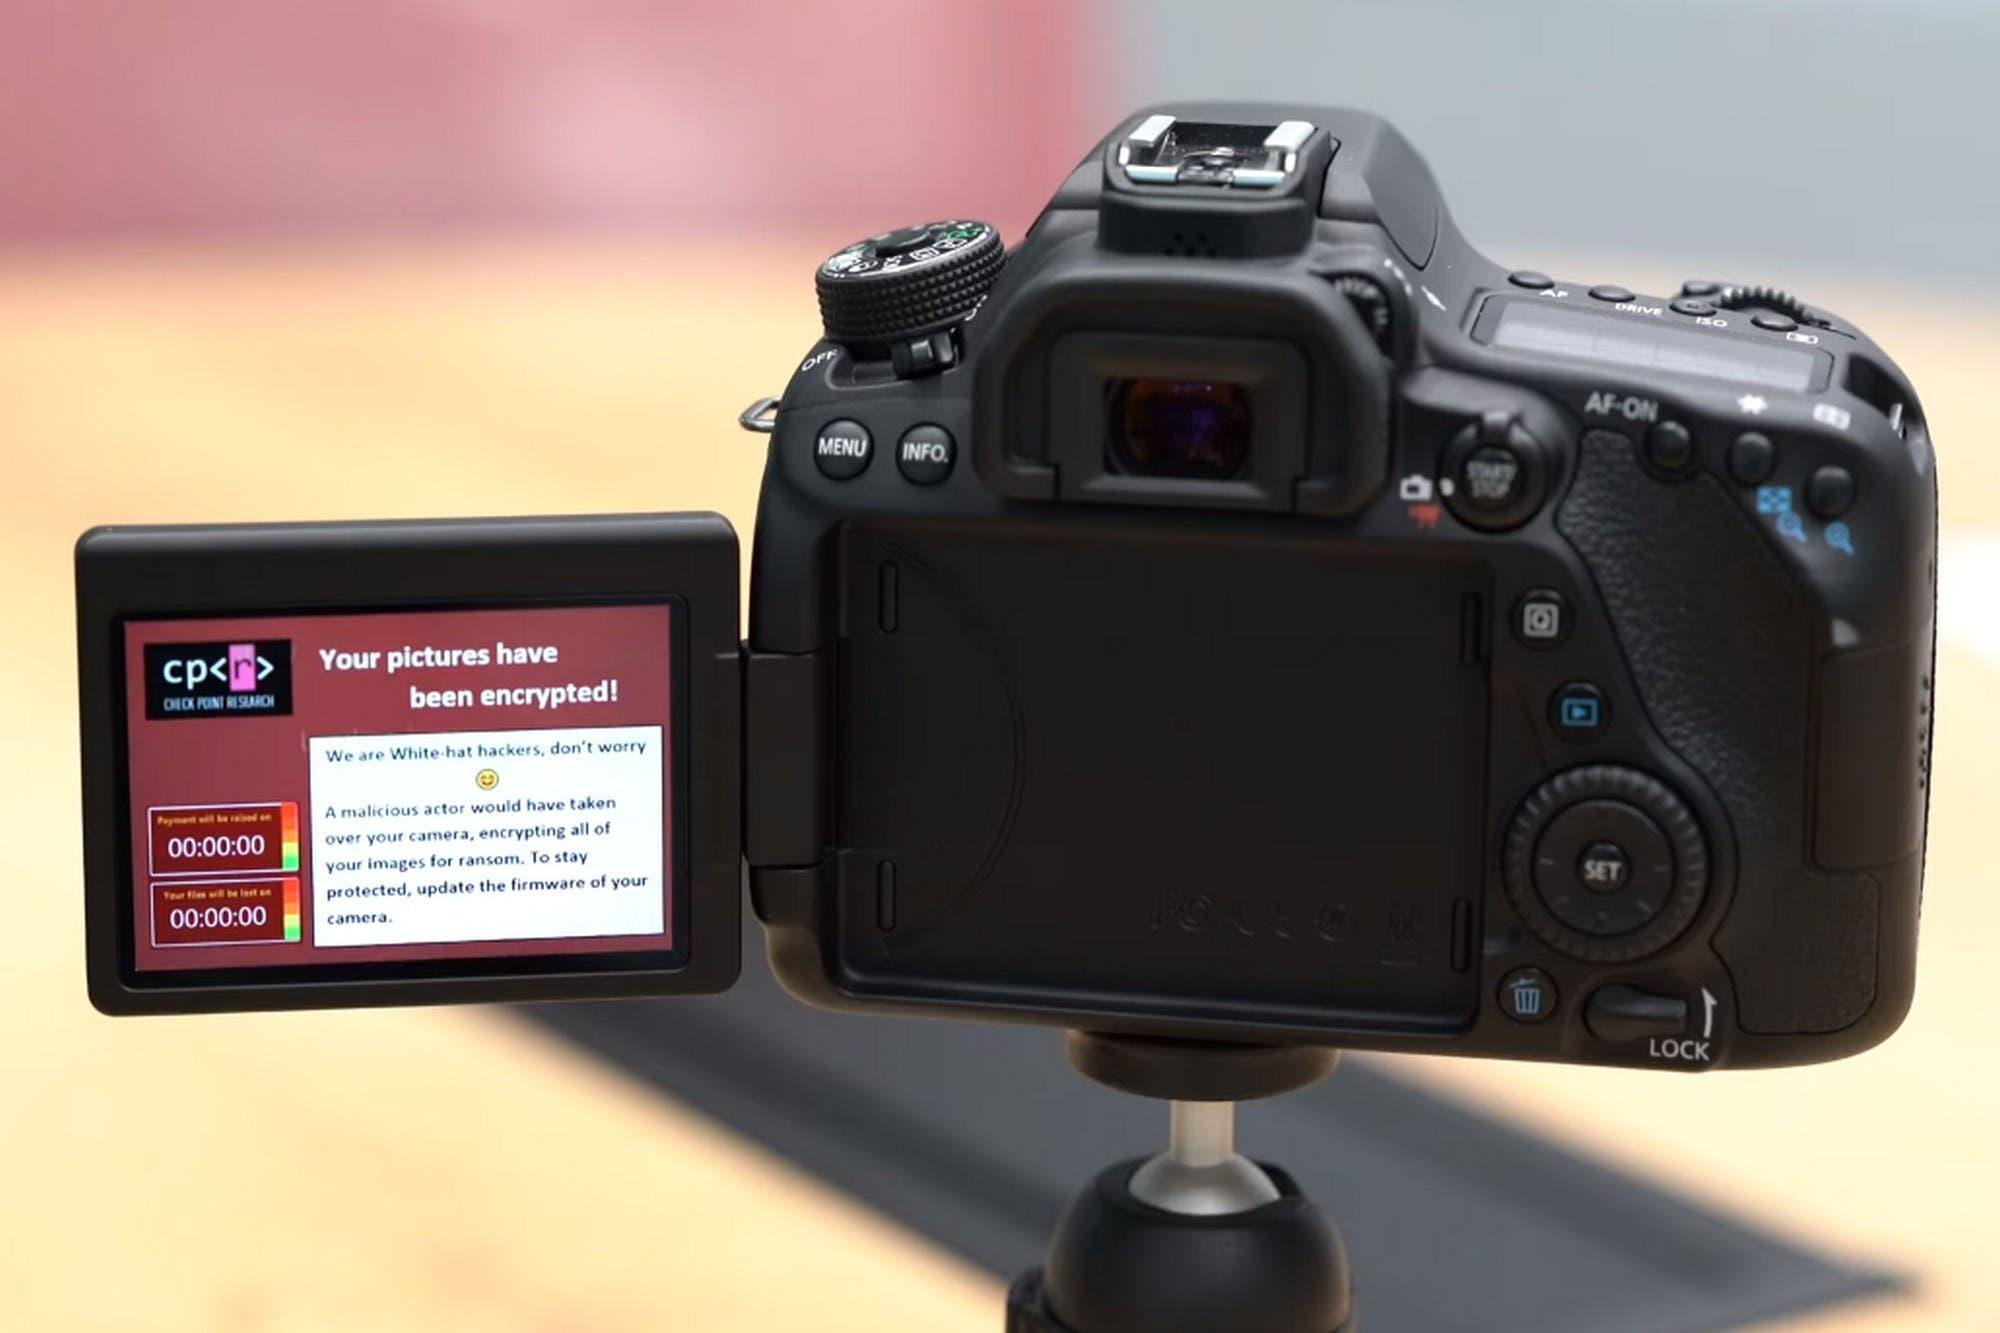 Las cámaras digitales también pueden sufrir un secuestro virtual con un ataque ransomware